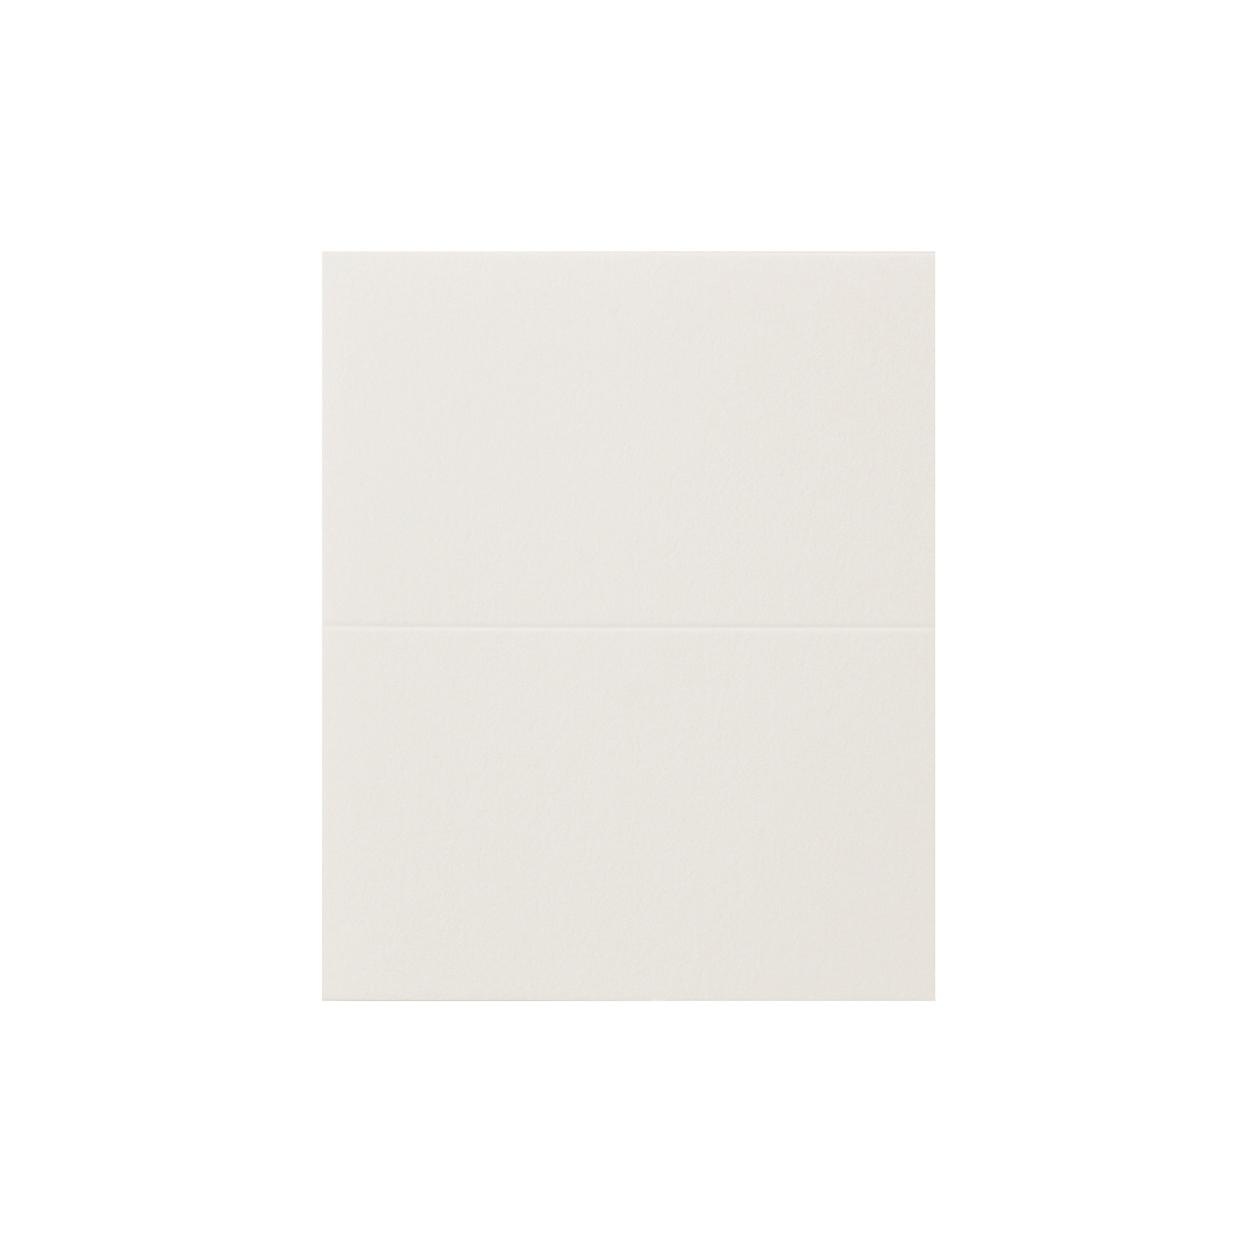 #24Vカード コットン スノーホワイト 232.8g